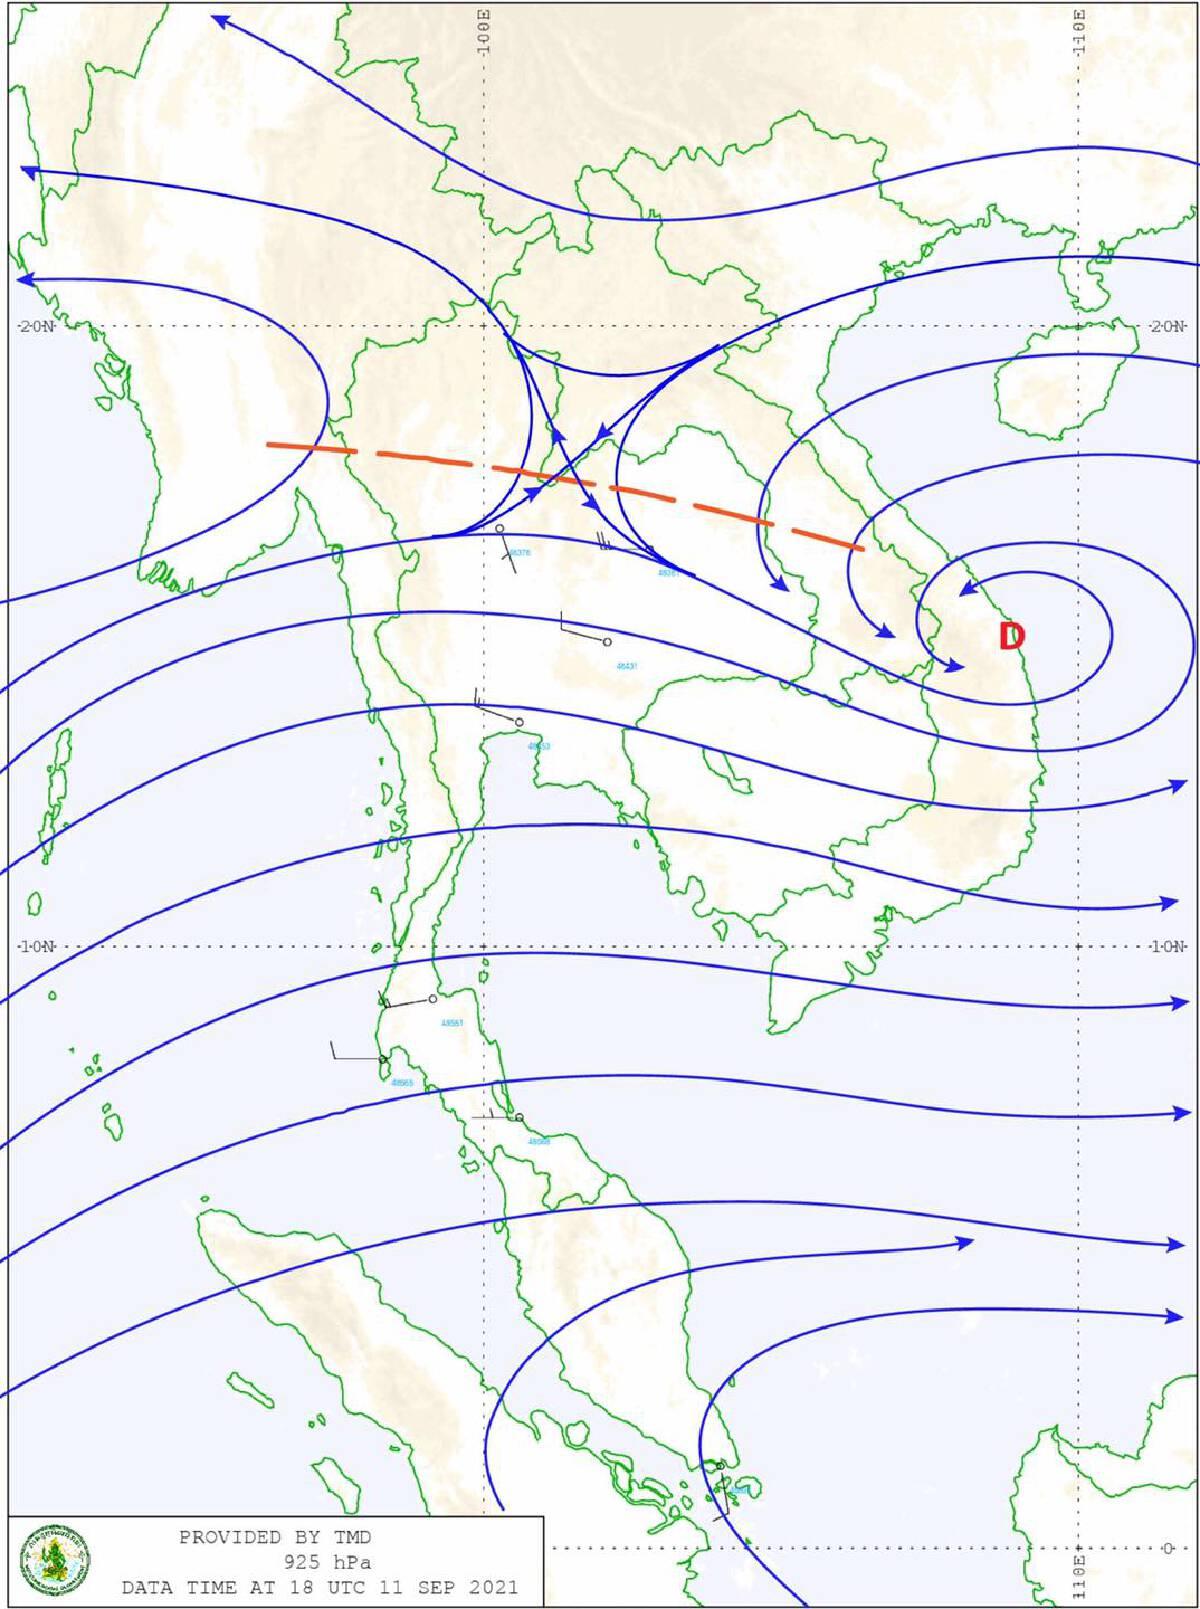 สถานการณ์ประจำวันนี้ (12 ก.ย. 64) พยากรณ์อากาศ 24 ชั่วโมงข้างหน้า